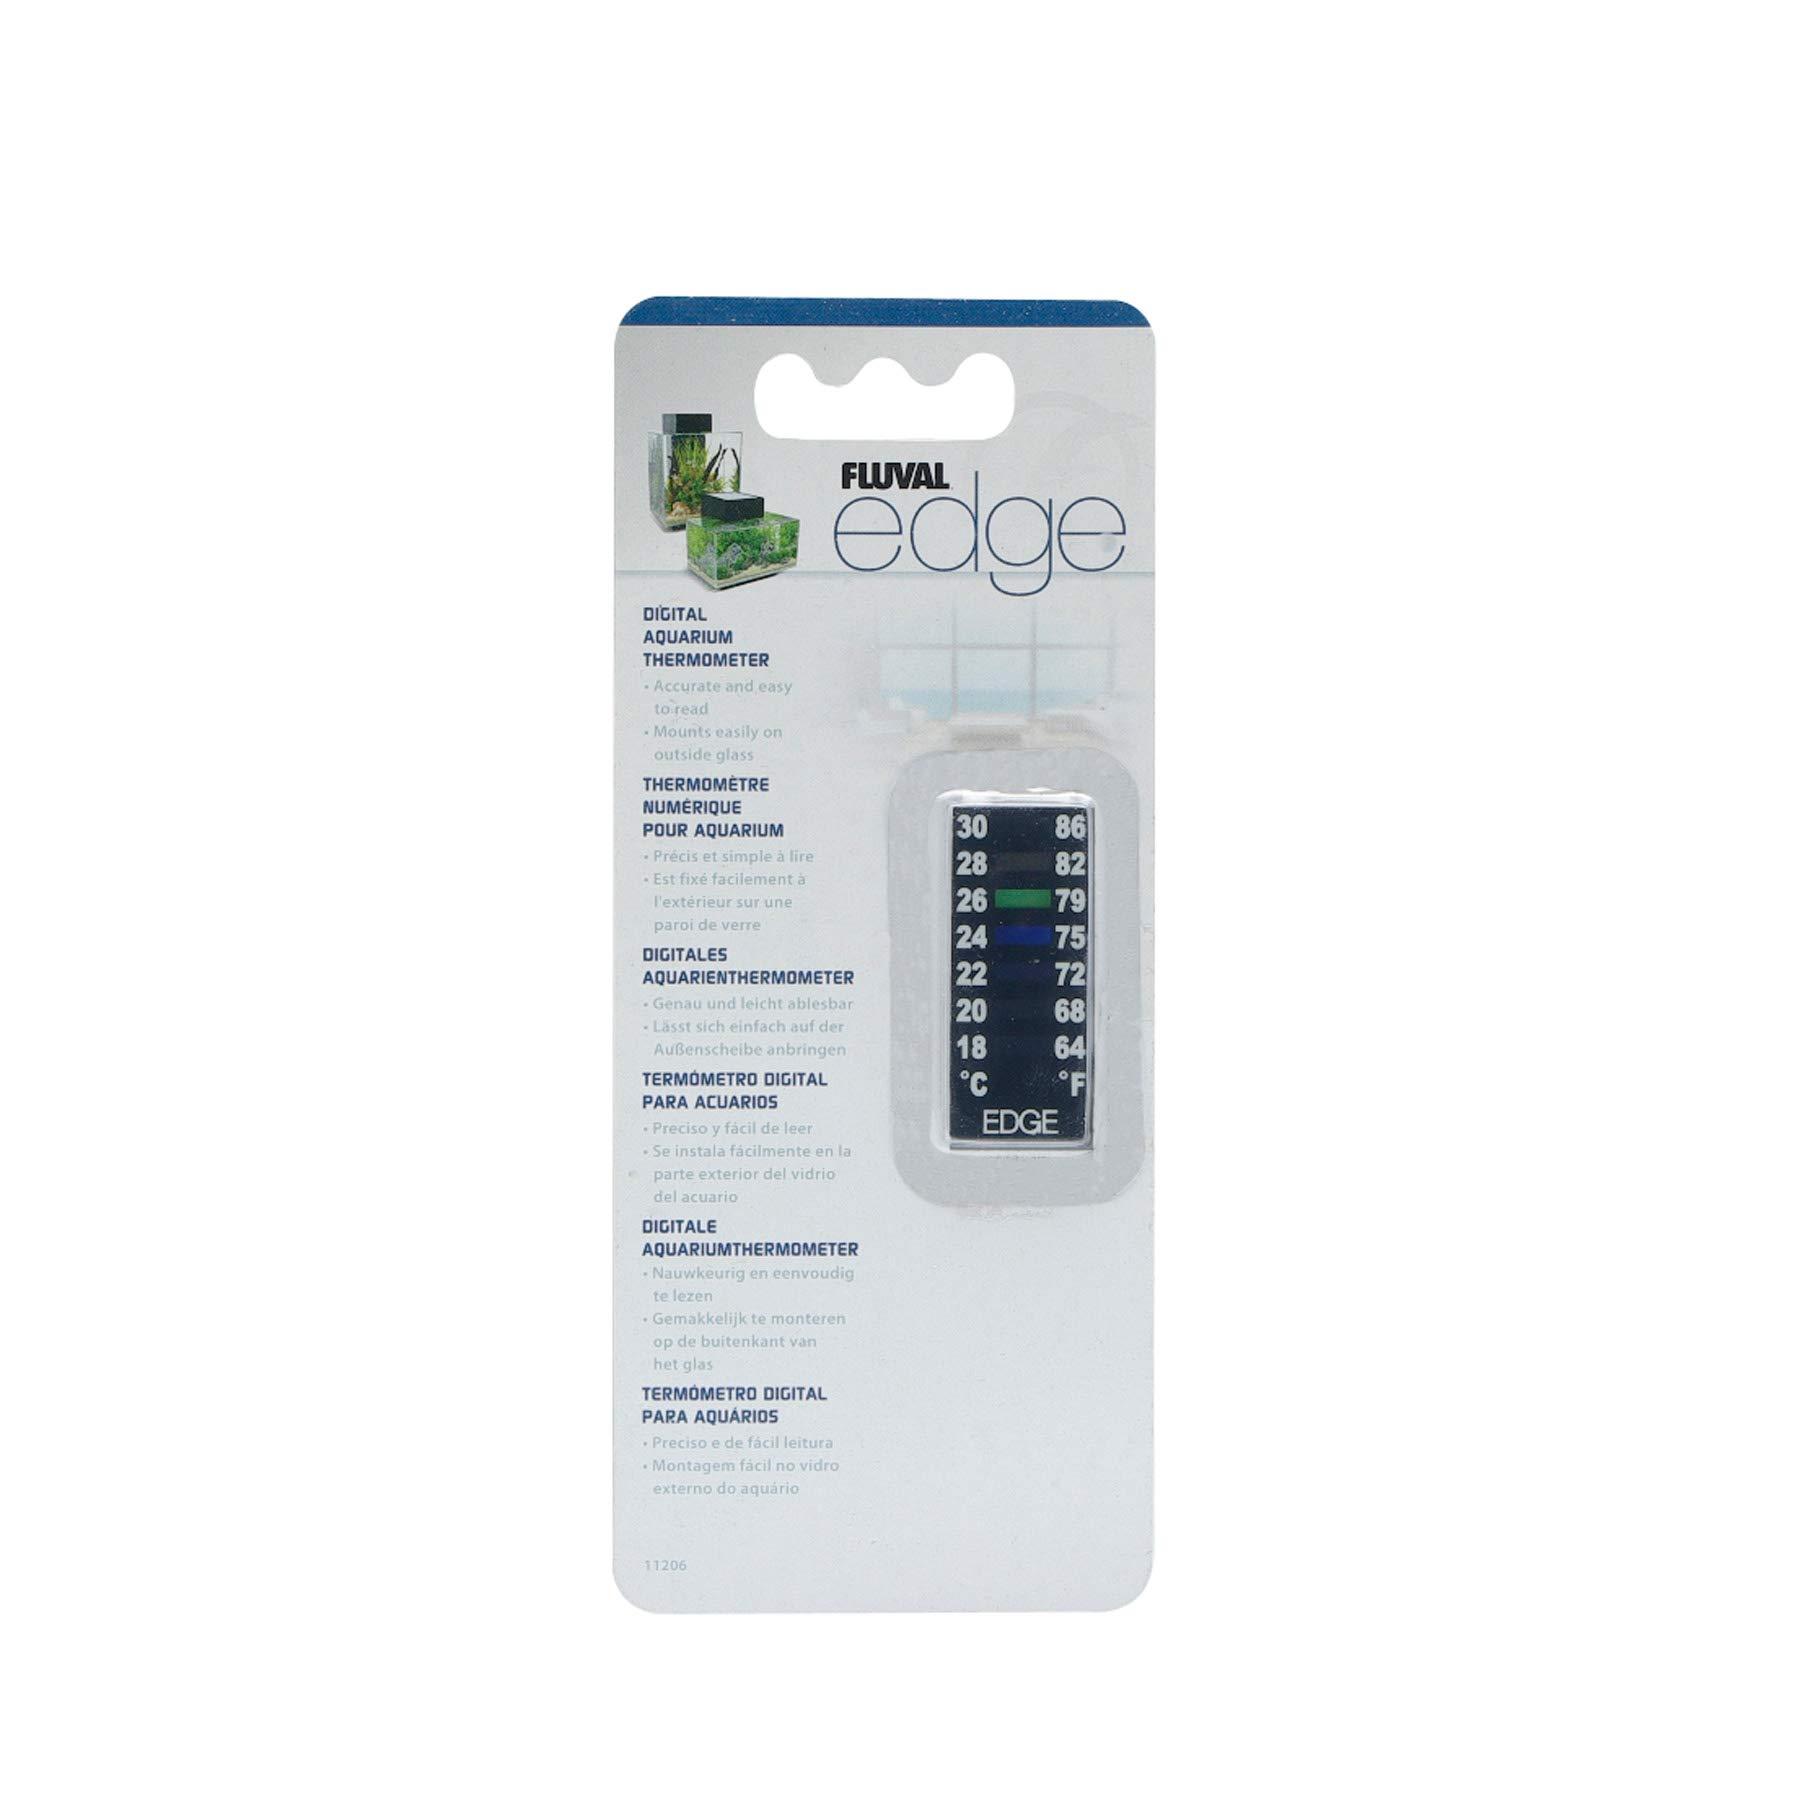 Fluval EDGE Digital Aquarium Thermometer - 64 to 86 degrees Fahrenheit